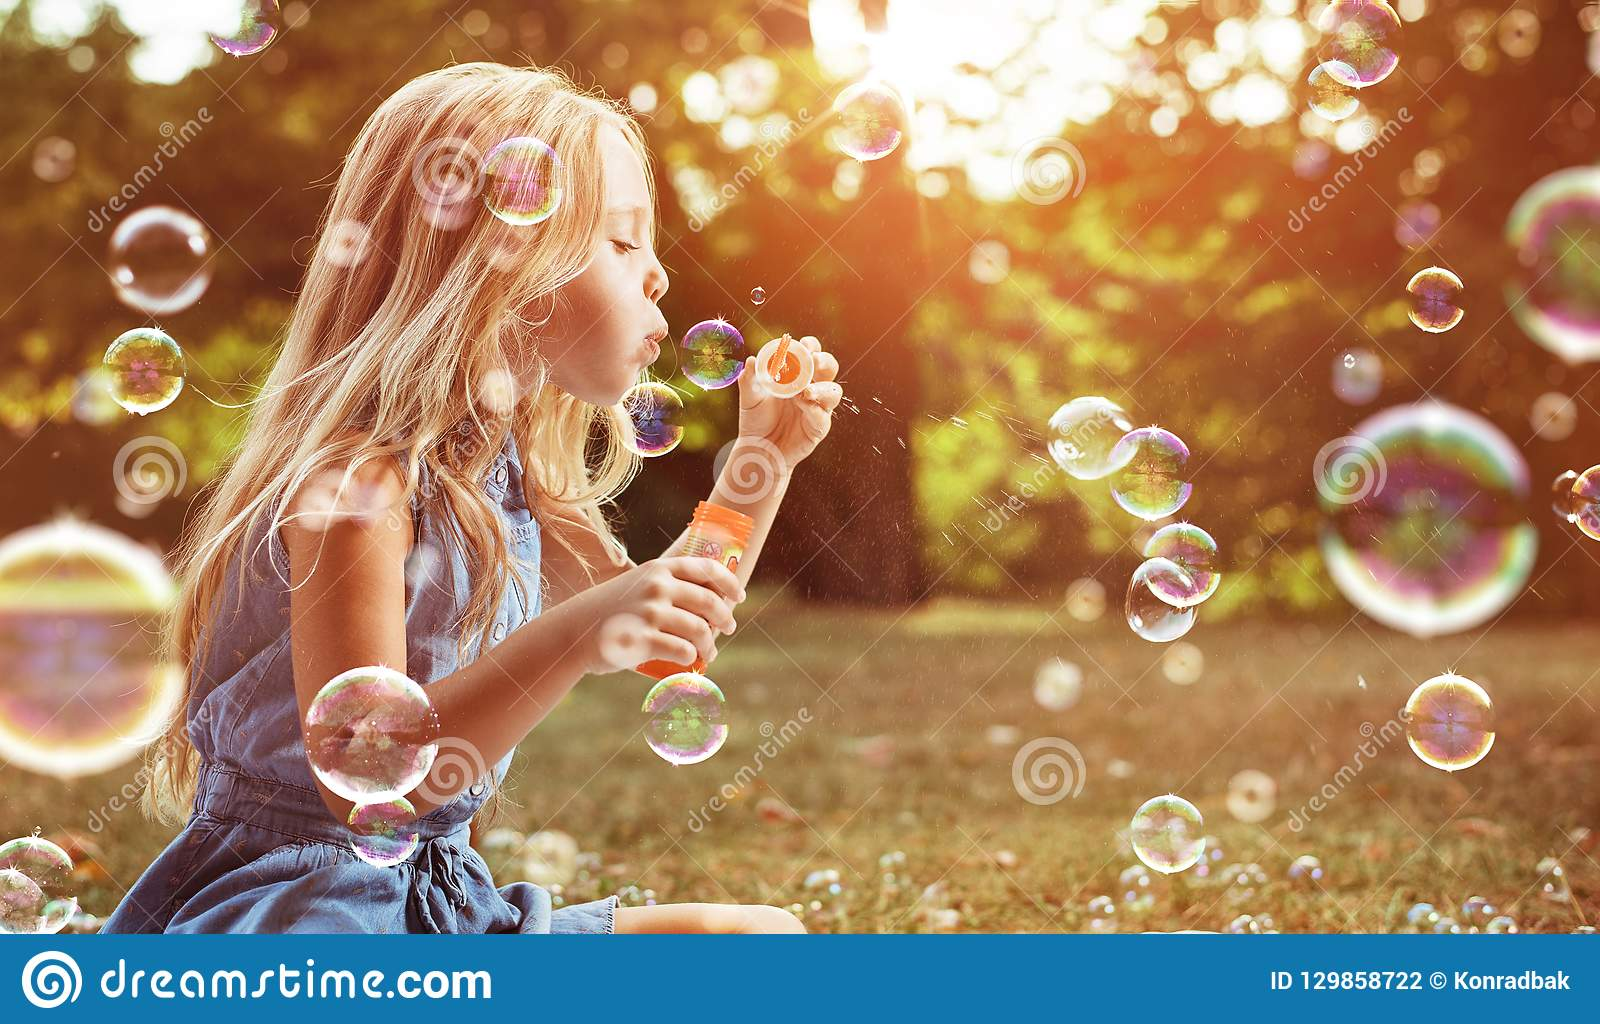 快乐的女孩吹的肥皂泡的画象